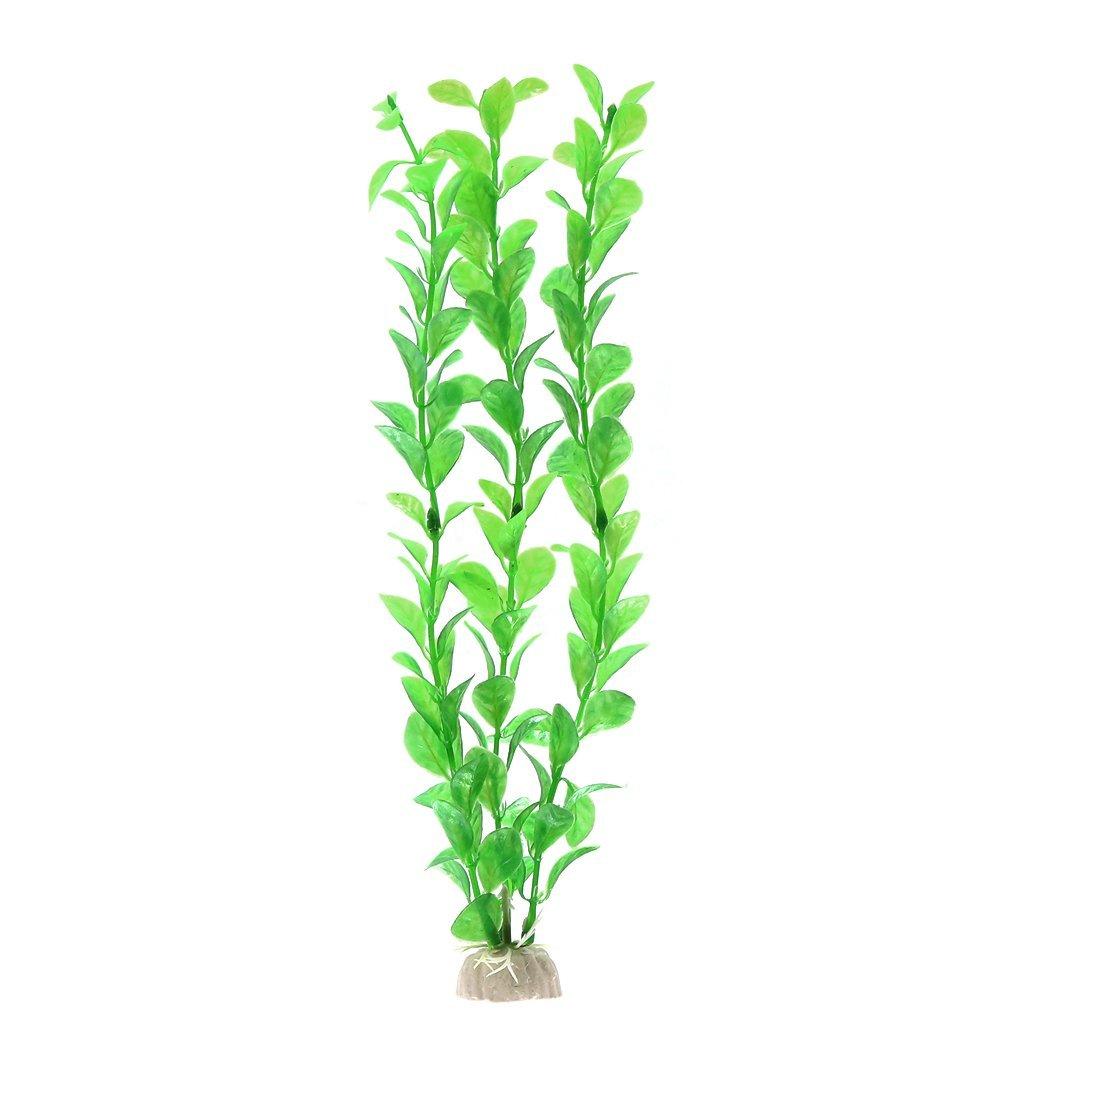 Amazon.com : eDealMax Ornamento planta 3 piezas de plástico Verde Paisaje Submarino Árbol Para peces de acuario tanque : Pet Supplies